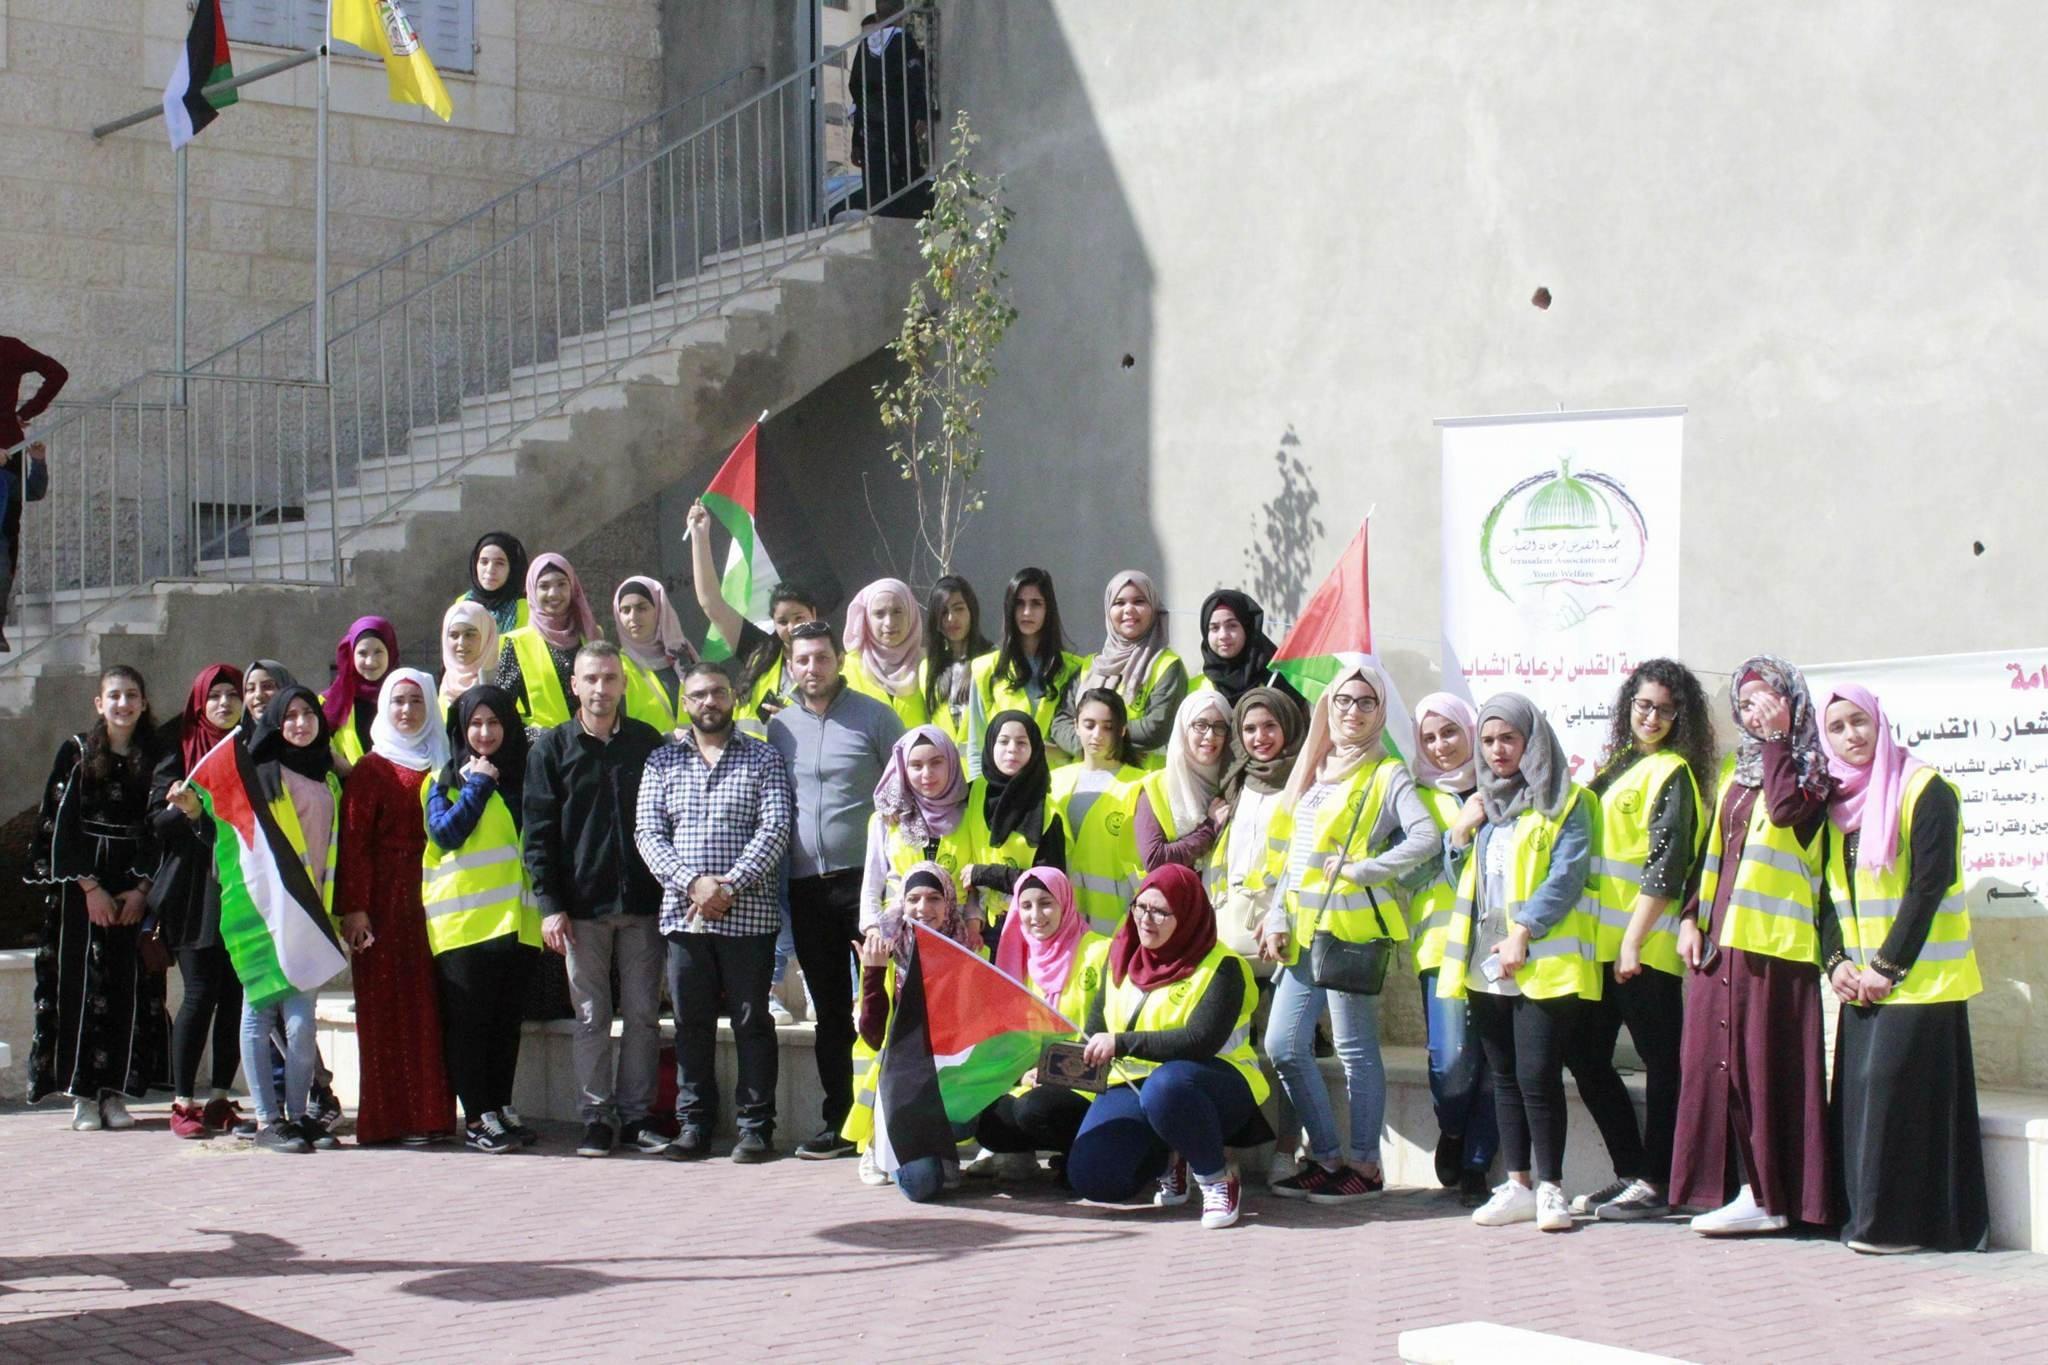 يوم ترفيهي للأطفال في كفر عقب شمال القدس تحت شعار القدس عاصمة دولة فلسطين